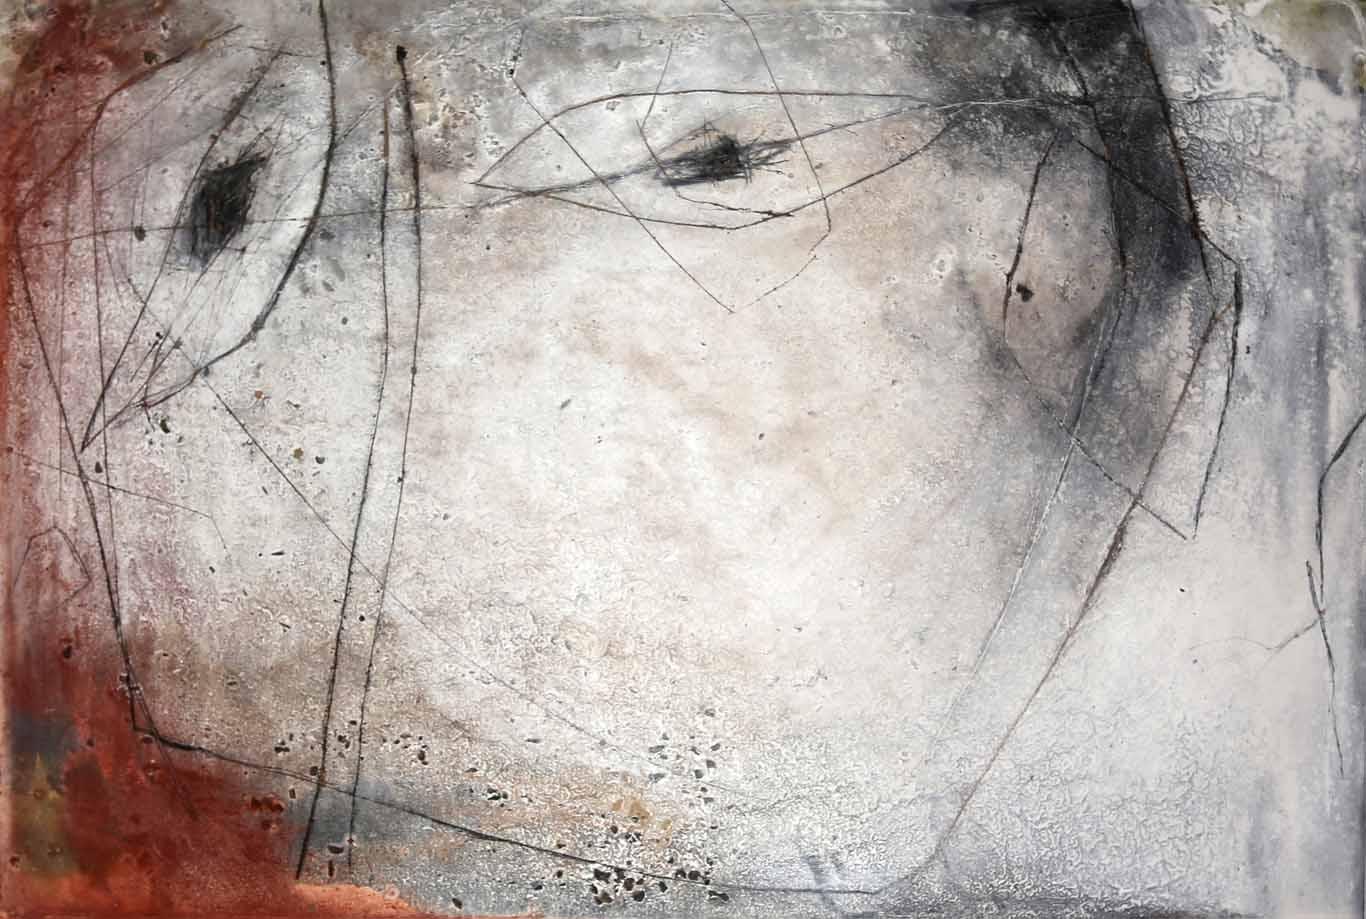 Abstrakte Malerei mit Pigmenten, Gesteinsmehlen, Asche, Kohle und Ritzung